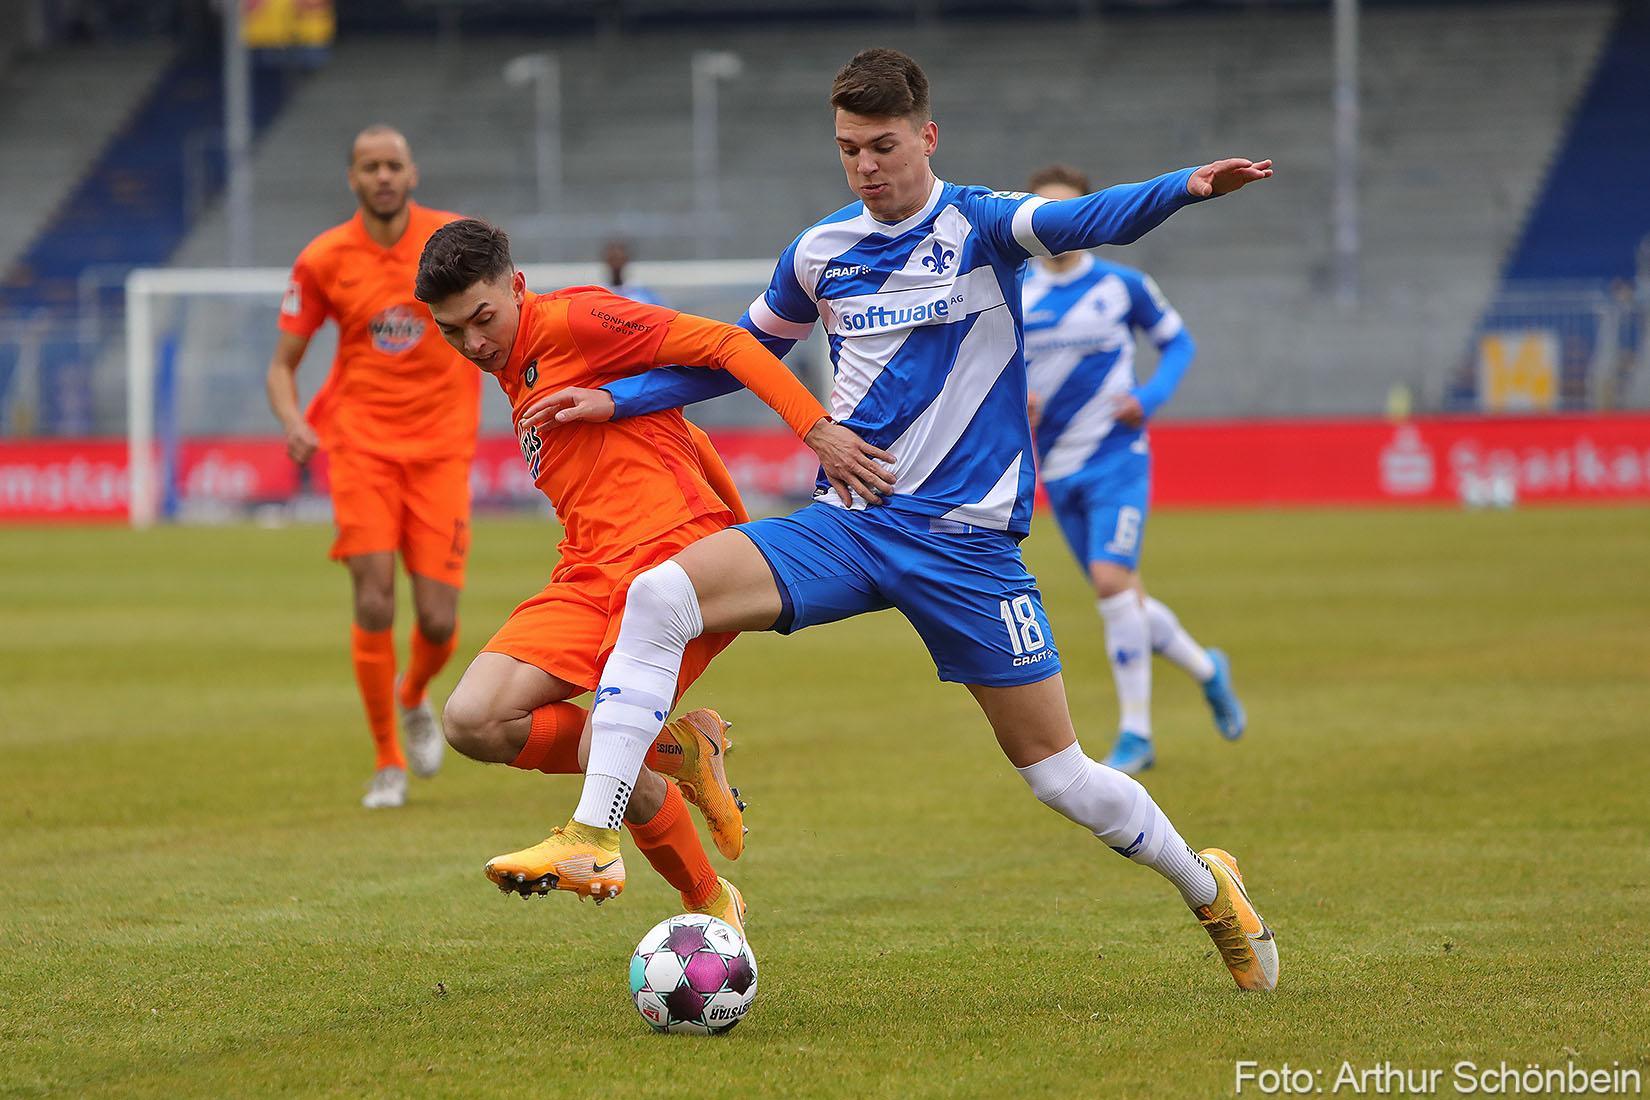 Weniger Ballbesitz bringt dem SV Darmstadt 98 mehr Erfolg